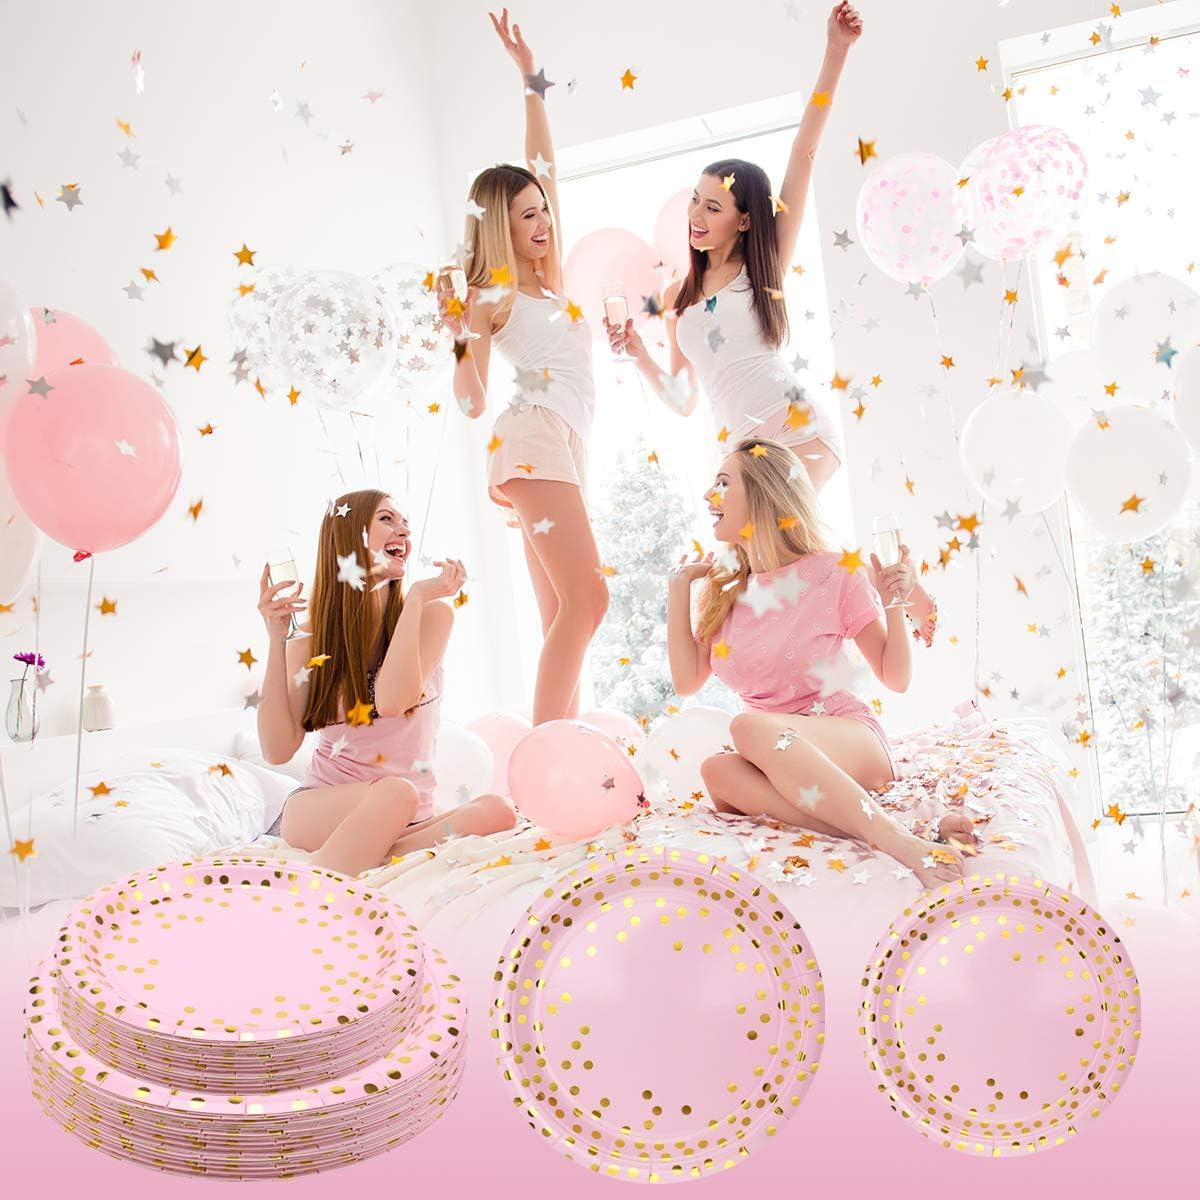 24 Ospiti Set Piatti Biodegradabili Rosa Oro Bicchieri Tovaglioli Cannucce Tovaglia per Festa Compleanno 13 Anni 1 Anno Baby Shower Girl Anniversari Fidanzamento Doccia Nuziale Piatti Carta Rosa